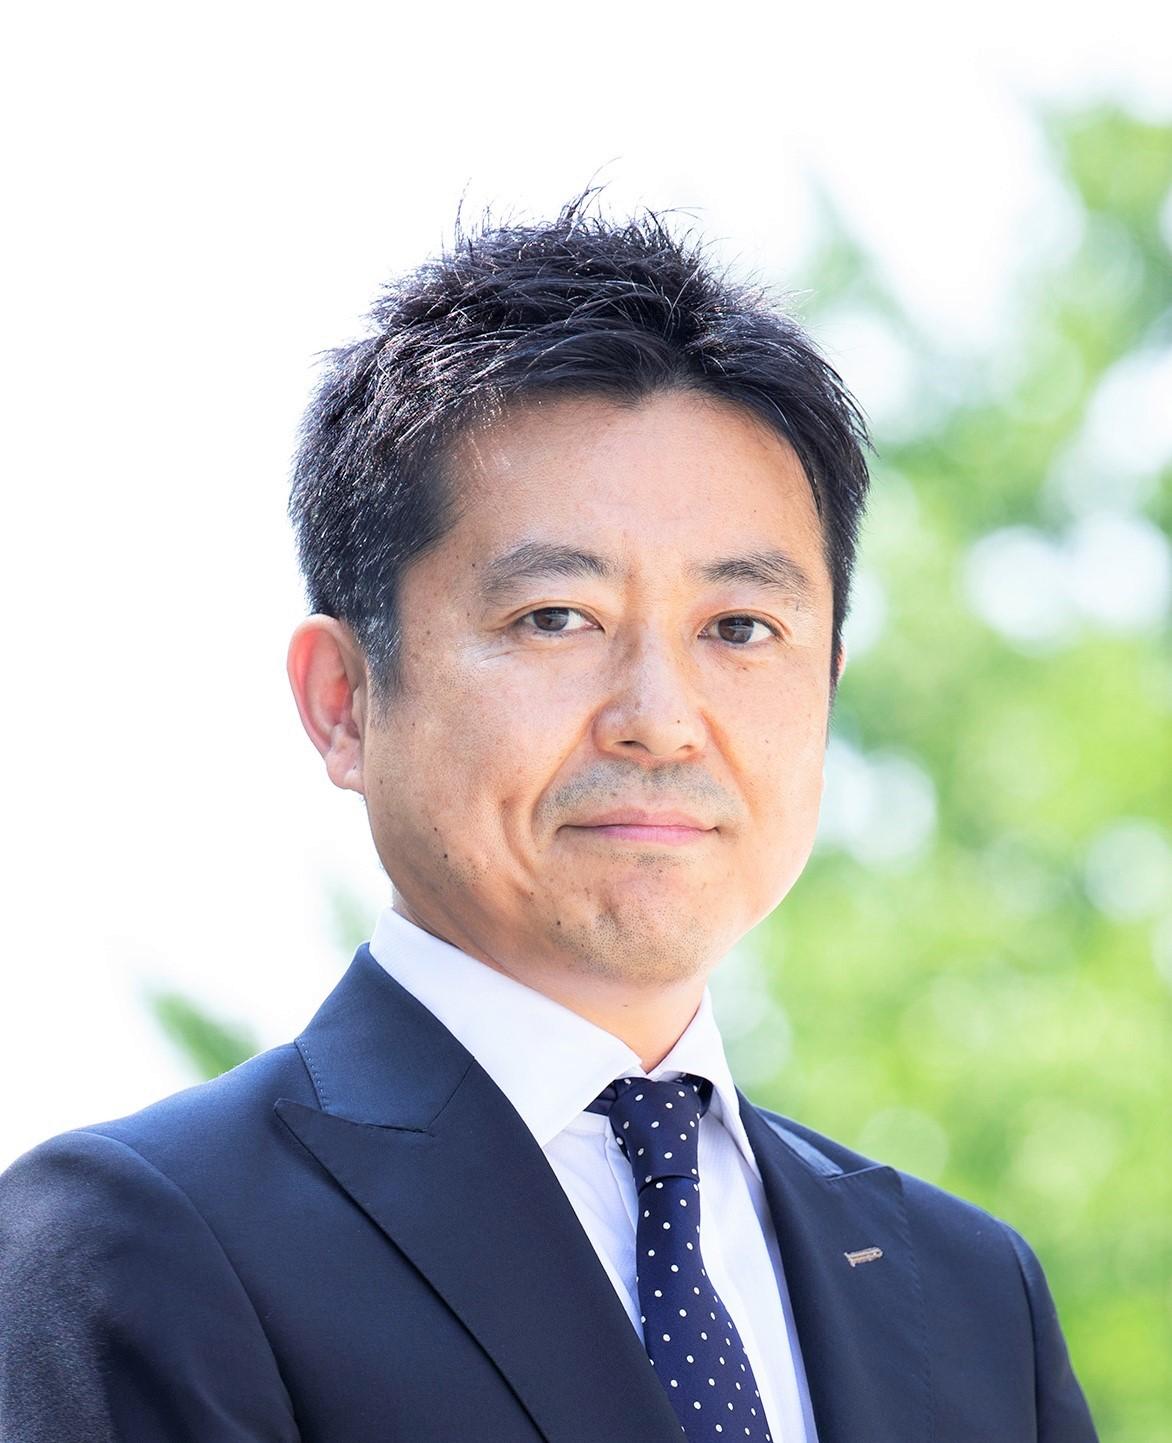 株式会社船井総合研究所 金融M&A支援部 シニアコンサルタント 前田 宣彦氏